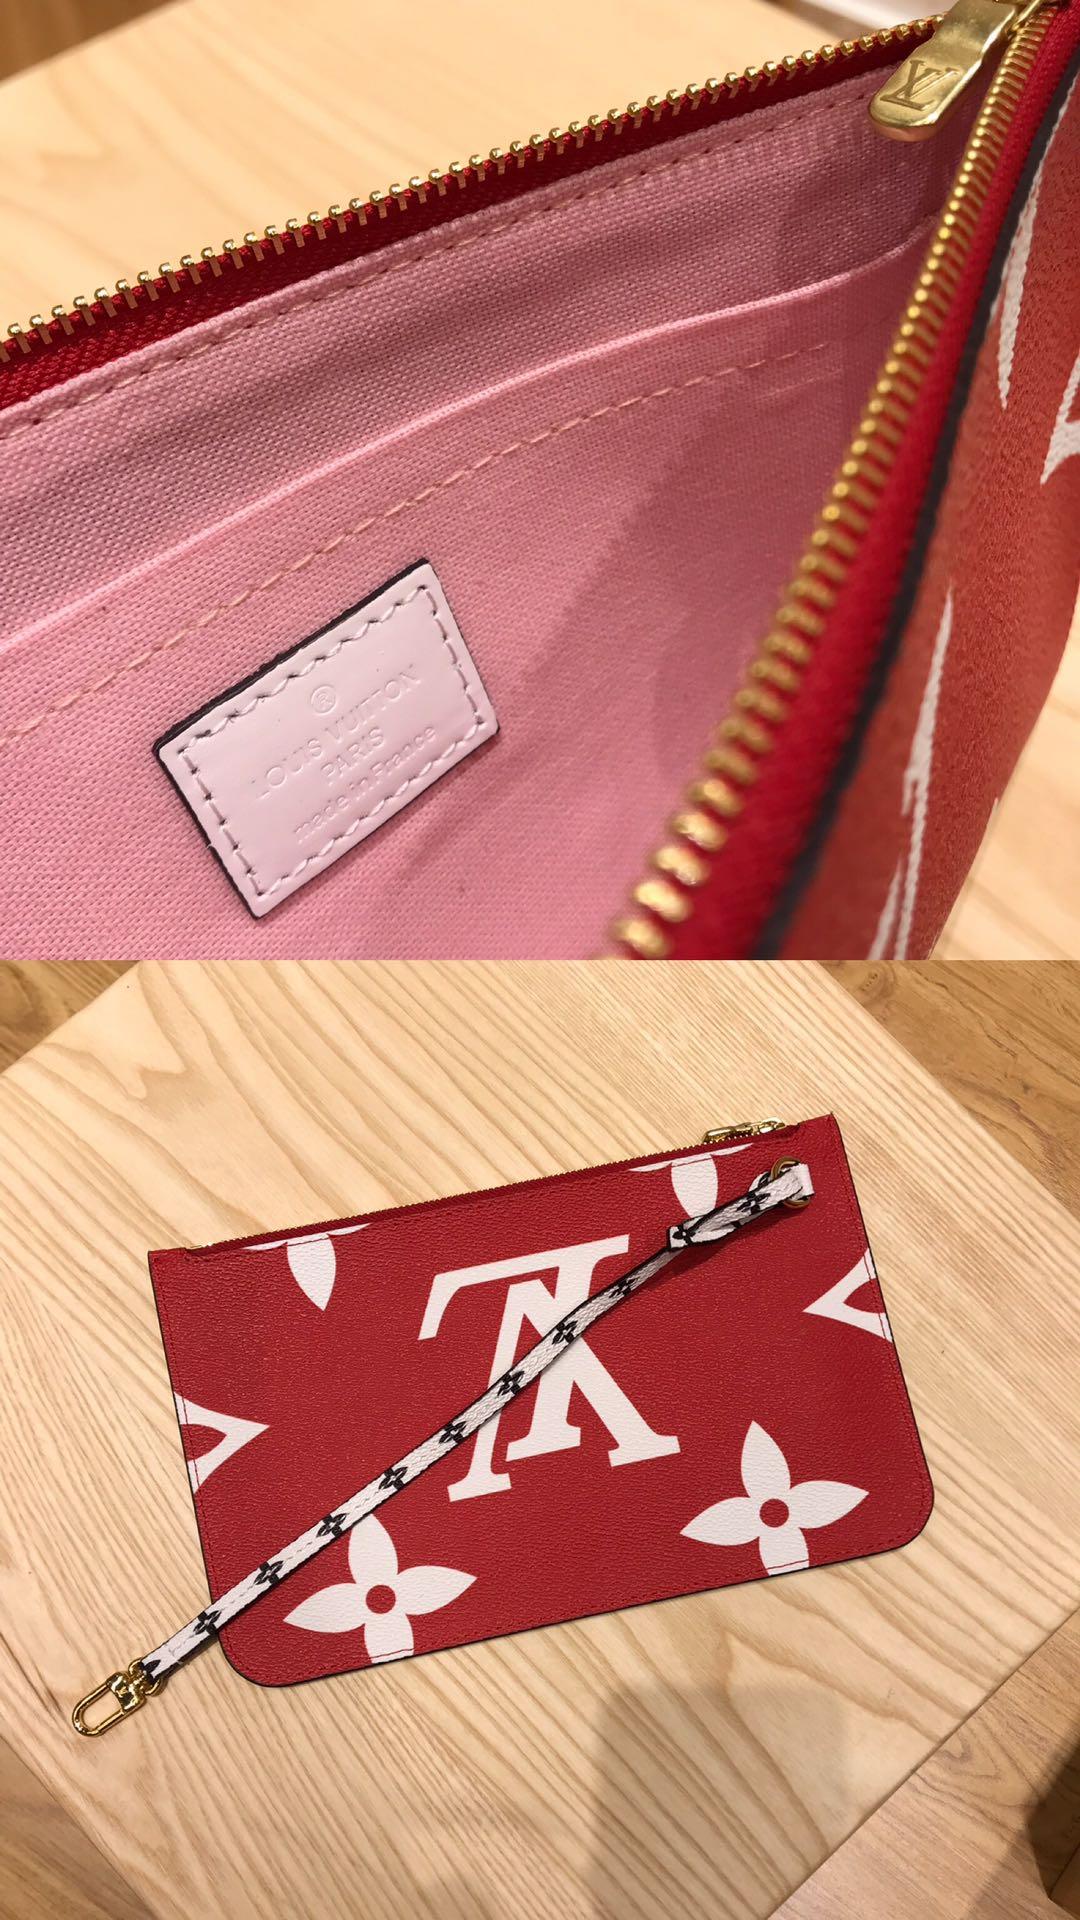 路易威登官网 新款红色拼粉色里购物袋44414 圣诞跟新年的最佳选择